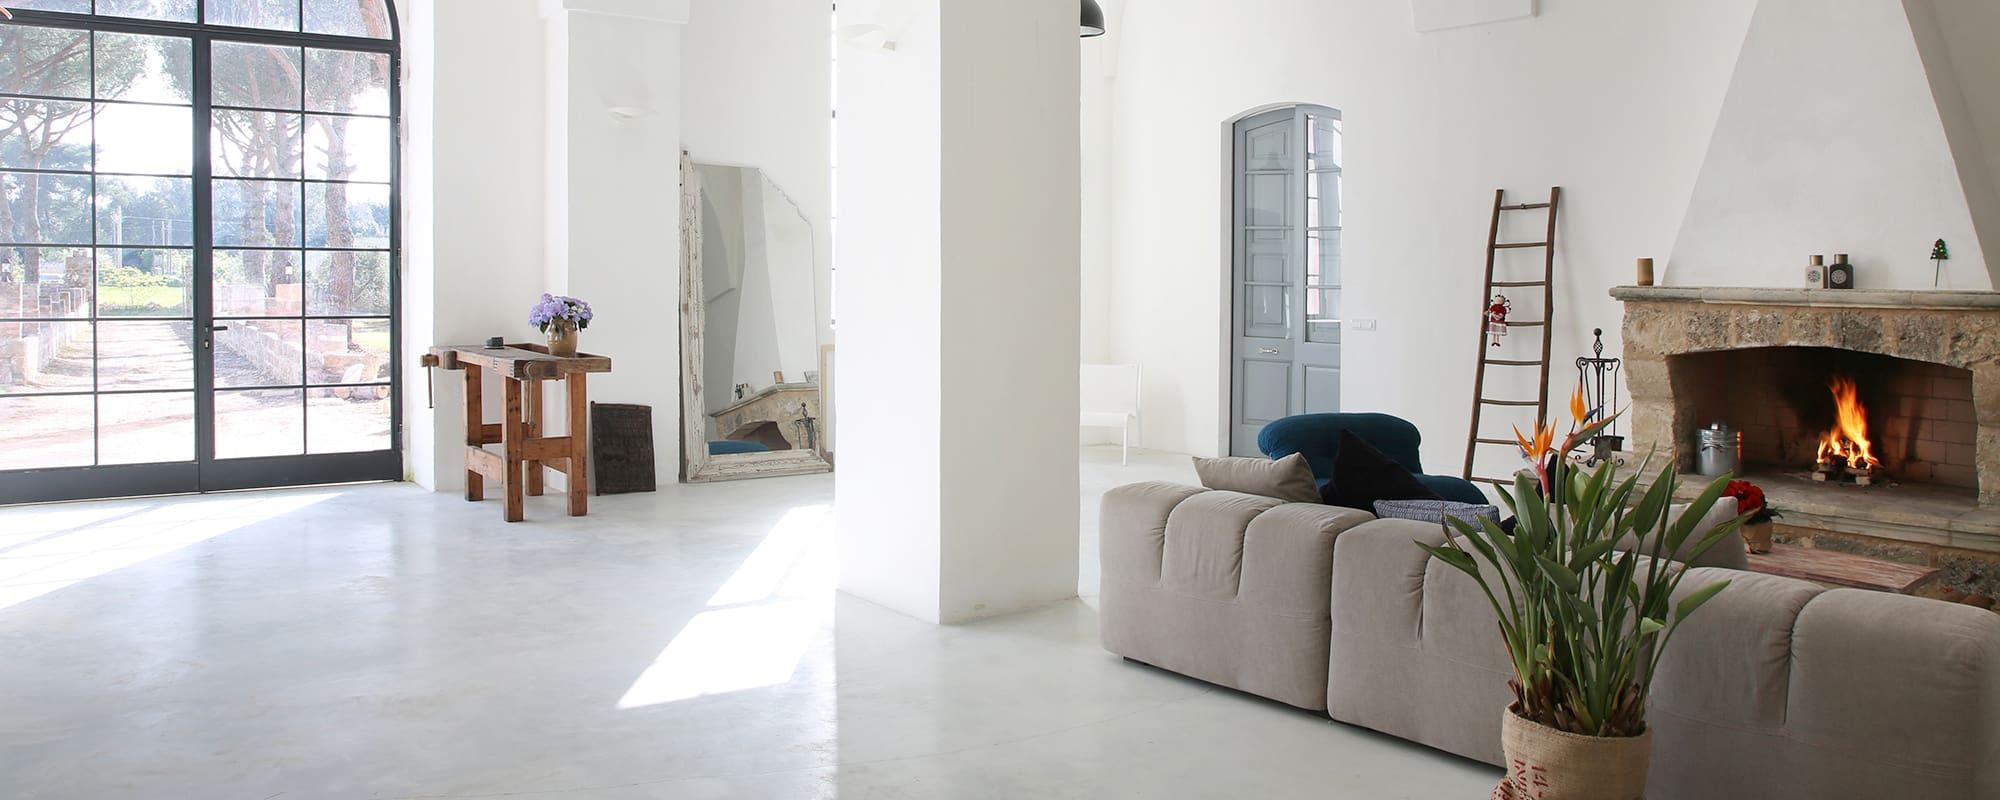 Il Tabacchificio, Villa, Apulien, Sofa, Lounge, Kamin, Spiegel, Interiordesign